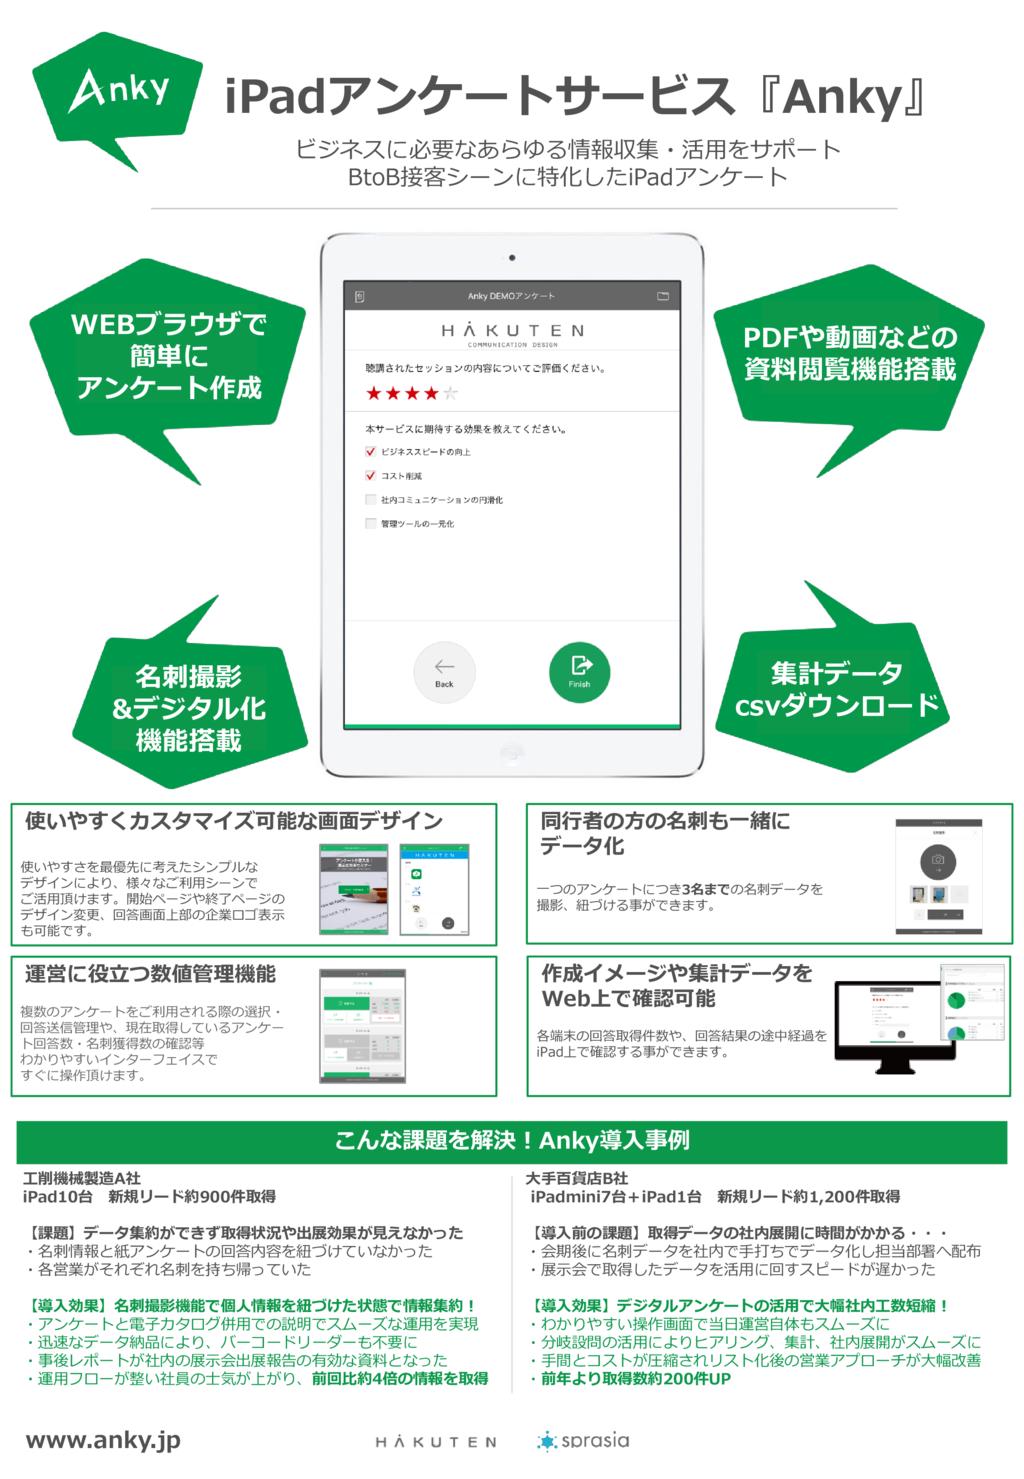 Anky −ビジネスに特化したiPadアンケートの資料